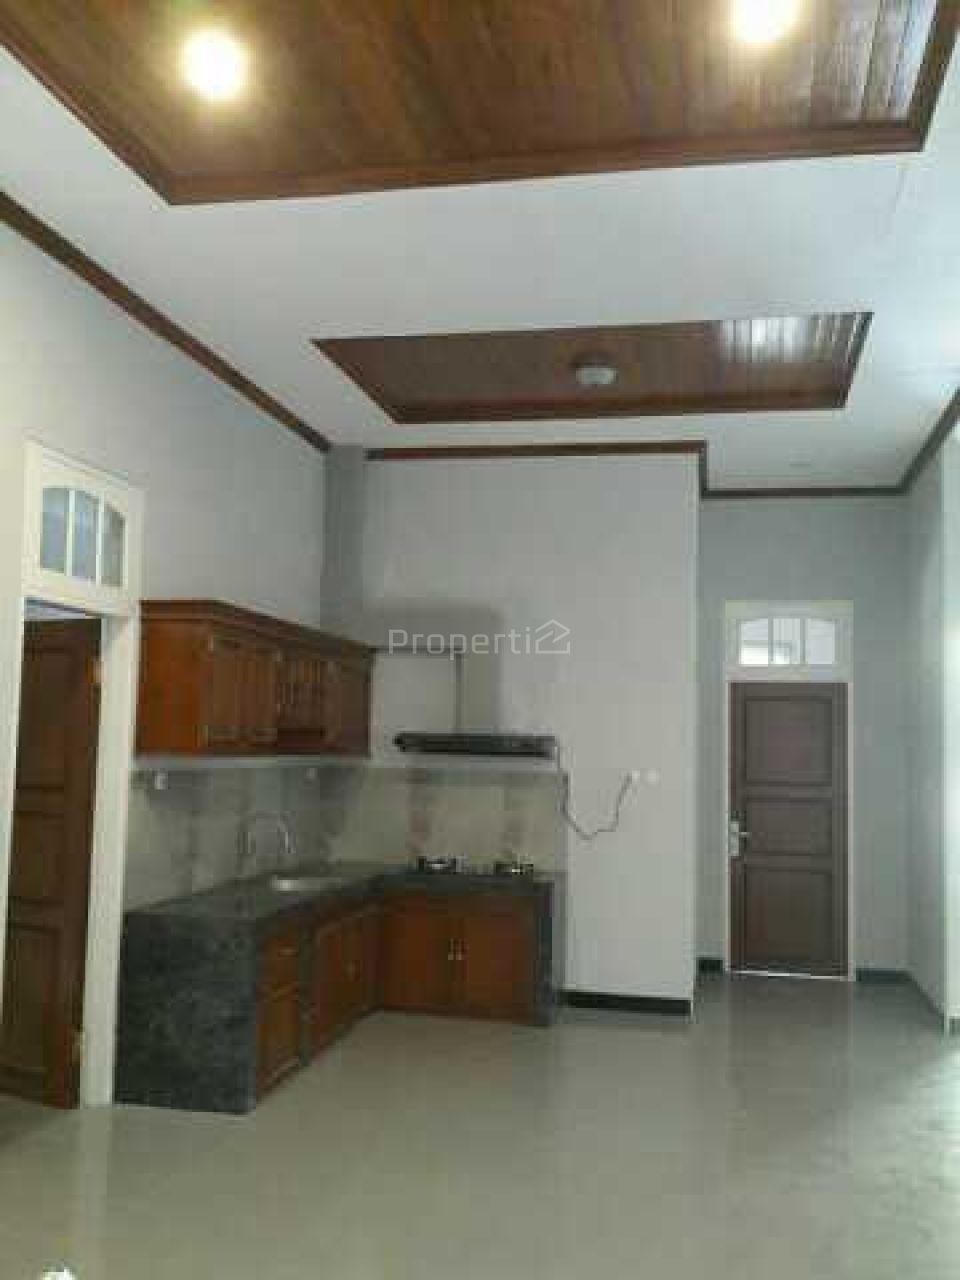 Rumah 2 Lantai Siap Huni di Kayu Putih, Jakarta Timur